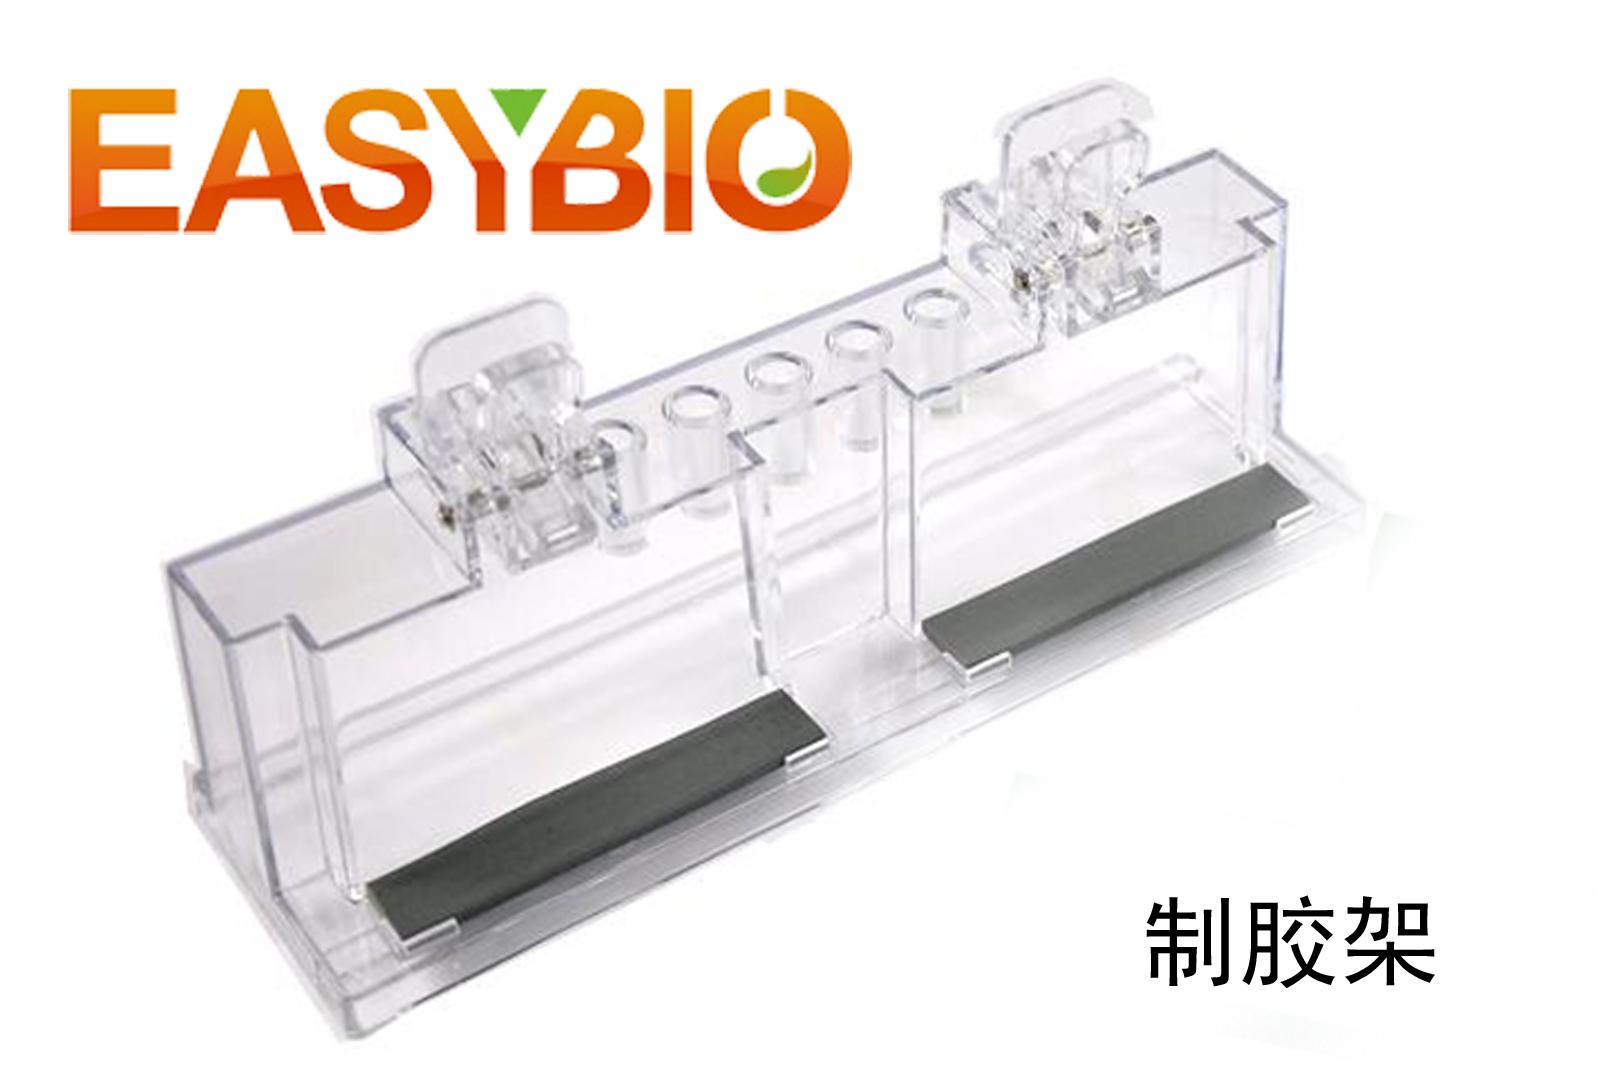 制胶架 伯乐bio-rad 电泳配件耗材 电泳仪 电转仪